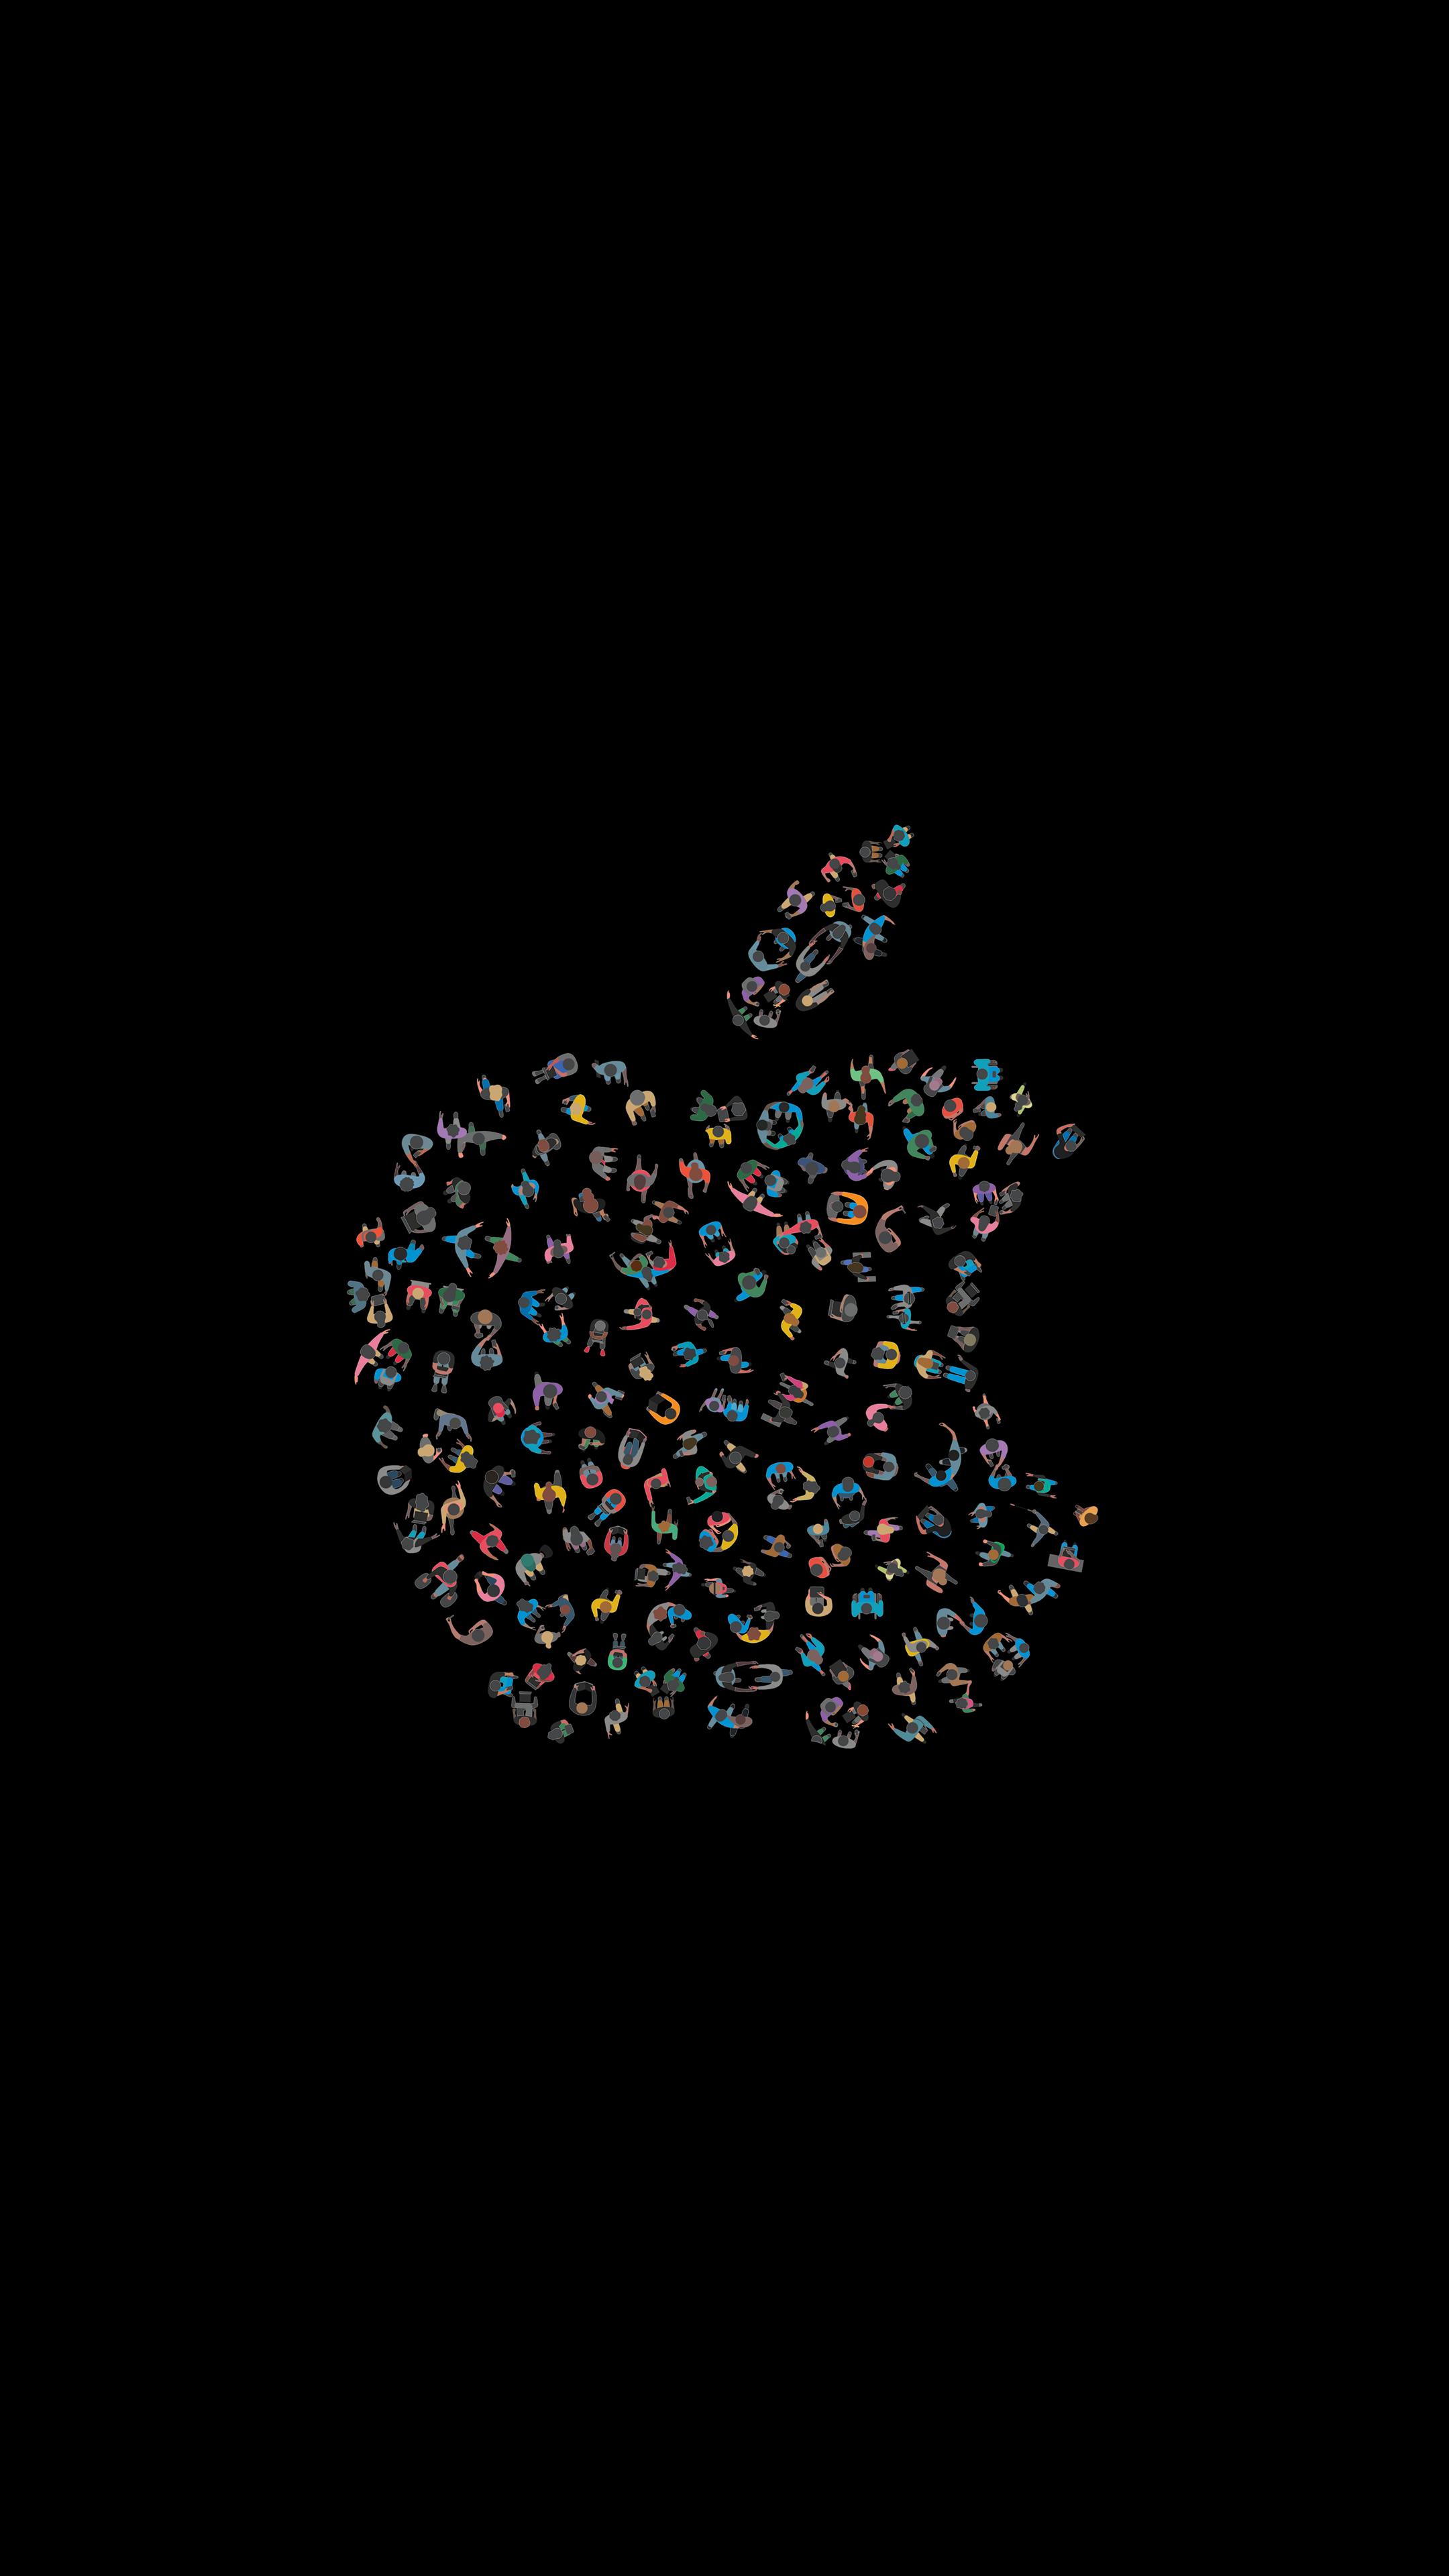 Apple Music Logo Aesthetic